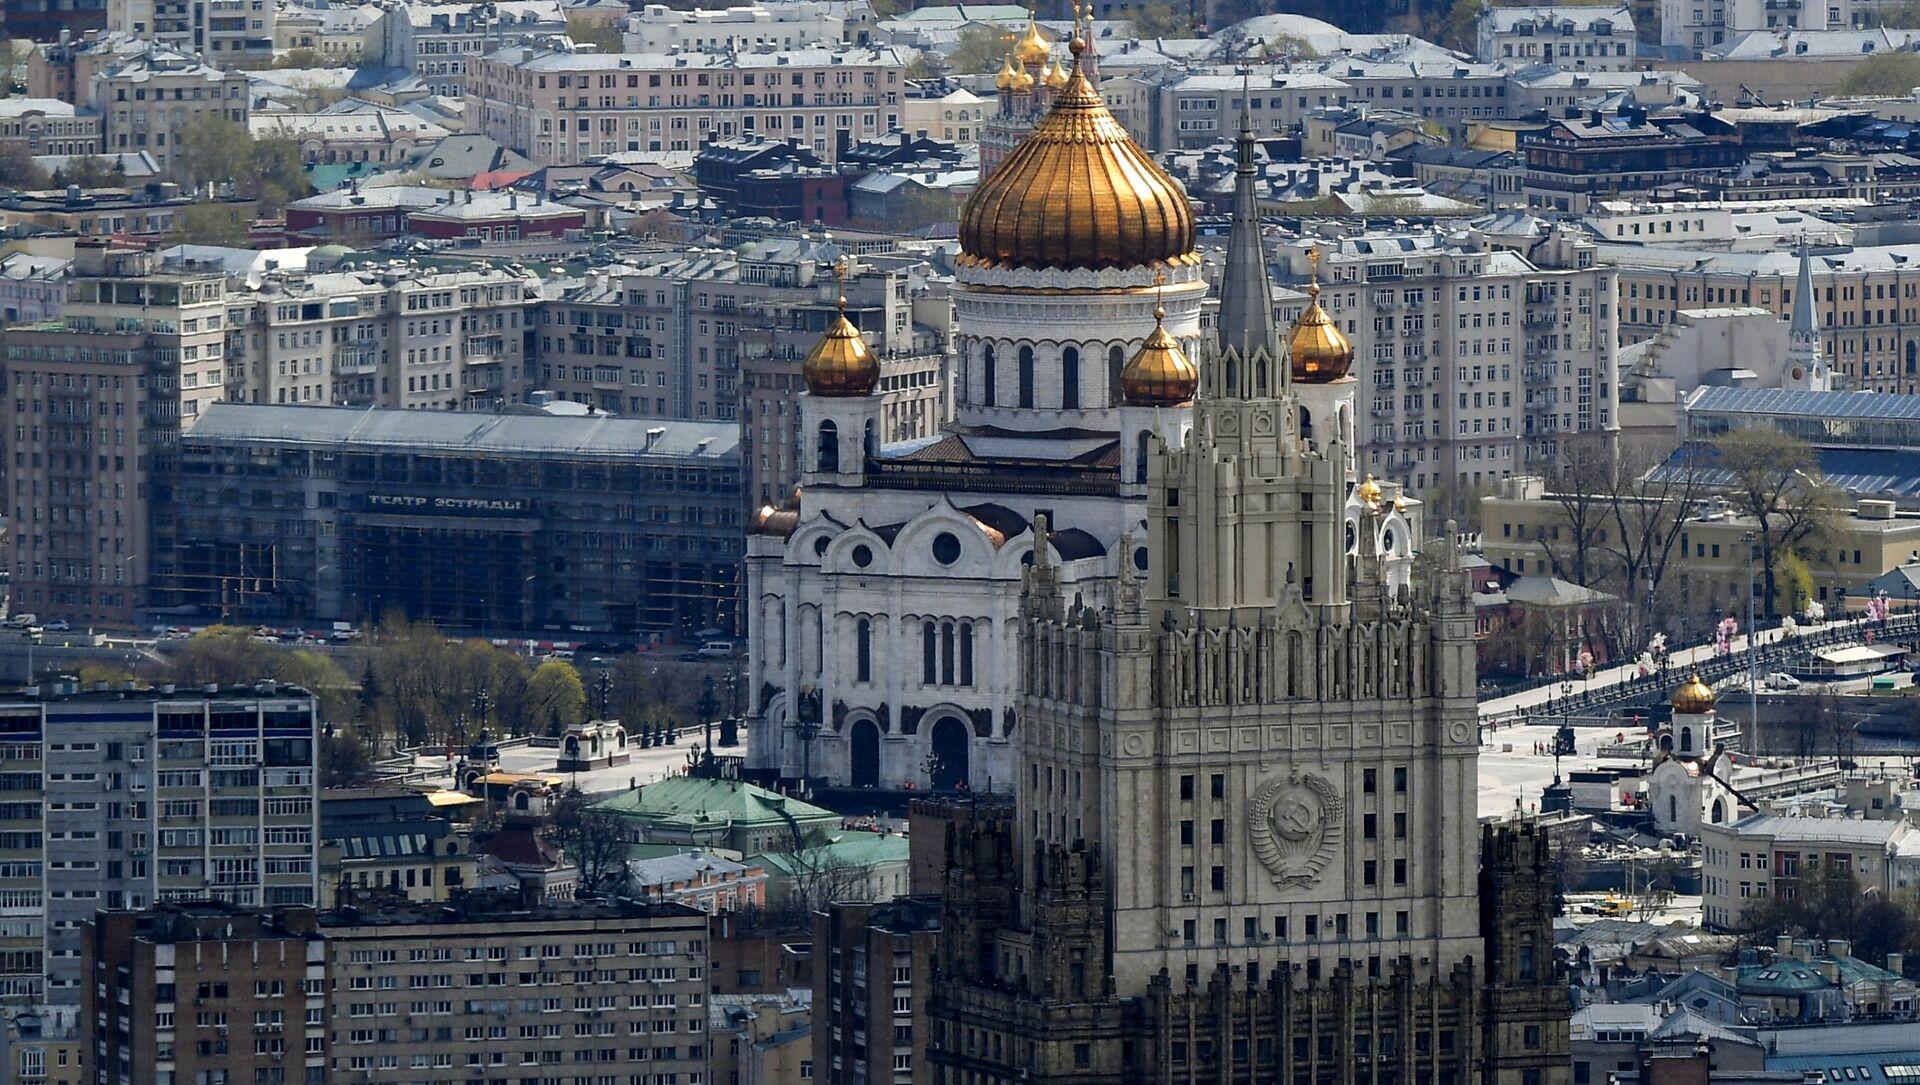 Северна Венеција, сибирска Атина: Какве све надимке имају руски градови - Sputnik Србија, 1920, 23.05.2021